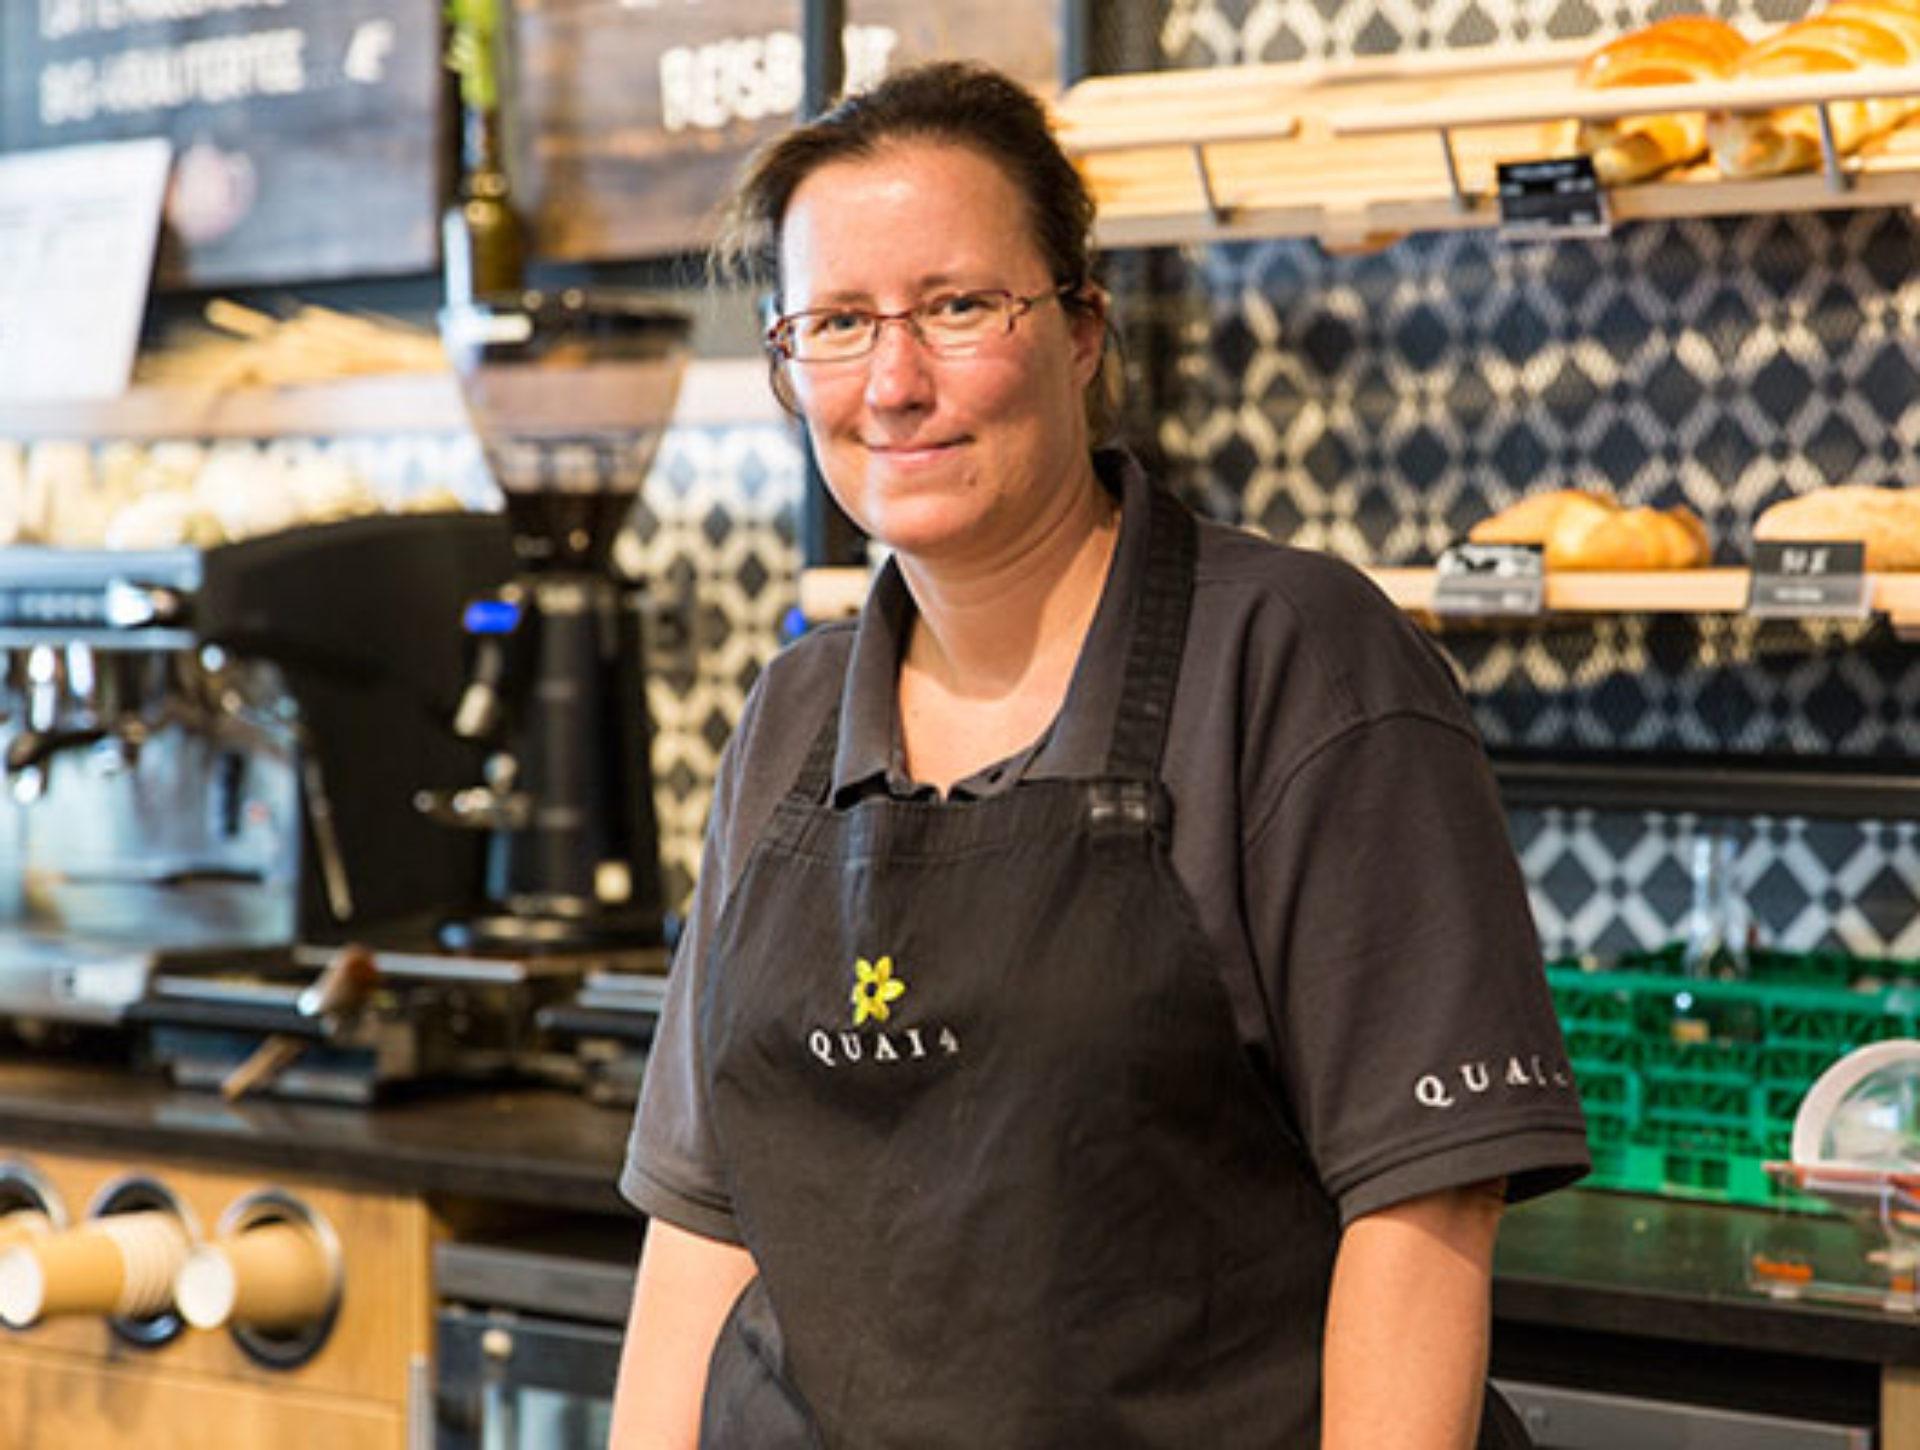 Denise Mercier, Mitarbeiterin Quai4-Markt: «Ich feiere heute ebenfalls mein Fünf-Jahr-Jubiläum und bin stolz, dass ich seit Beginn dabei bin!»